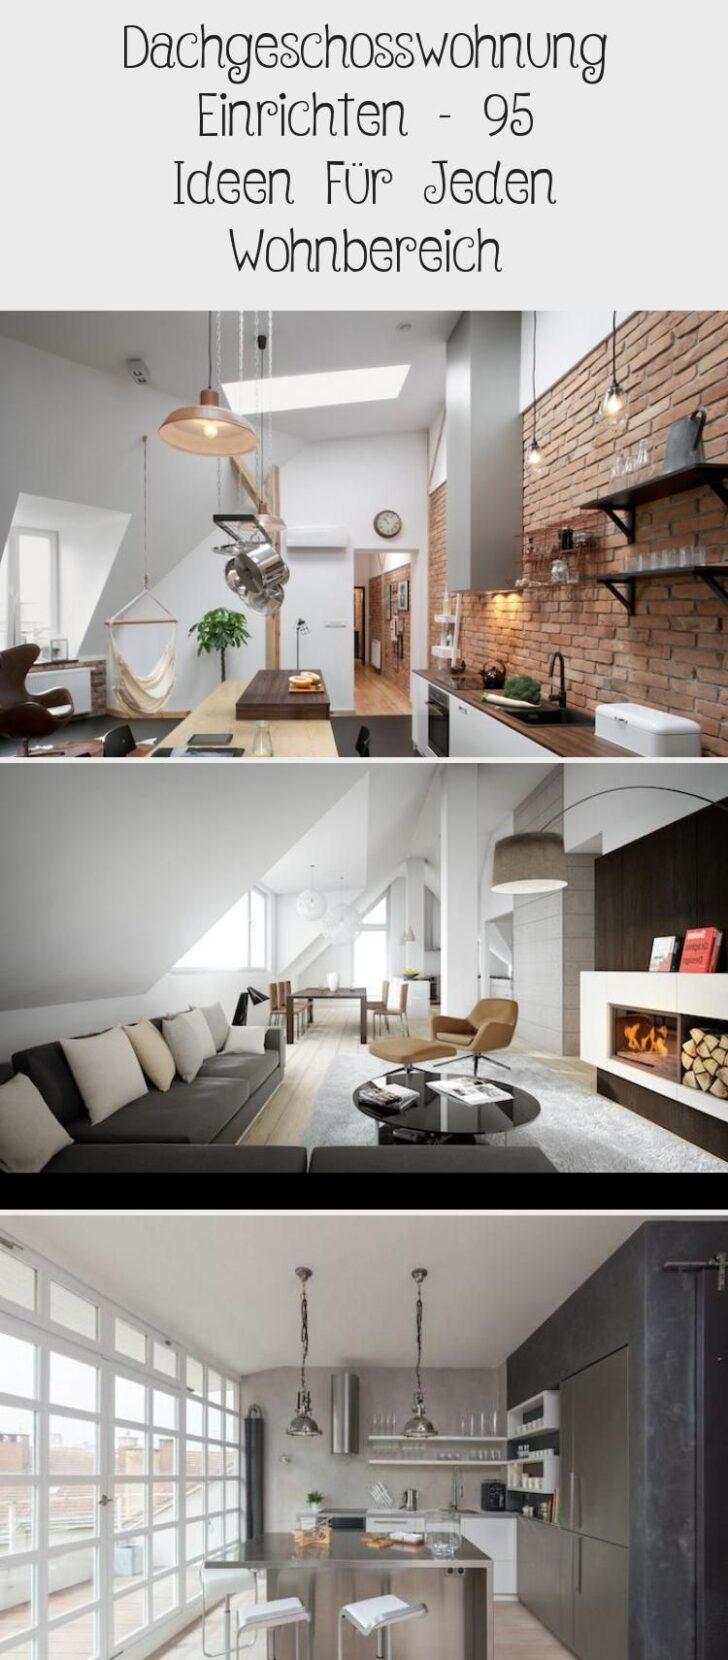 Medium Size of Dachgeschosswohnung Einrichten 95 Ideen Fr Jeden Wohnbereich Kleine Küche Badezimmer Wohnzimmer Dachgeschosswohnung Einrichten